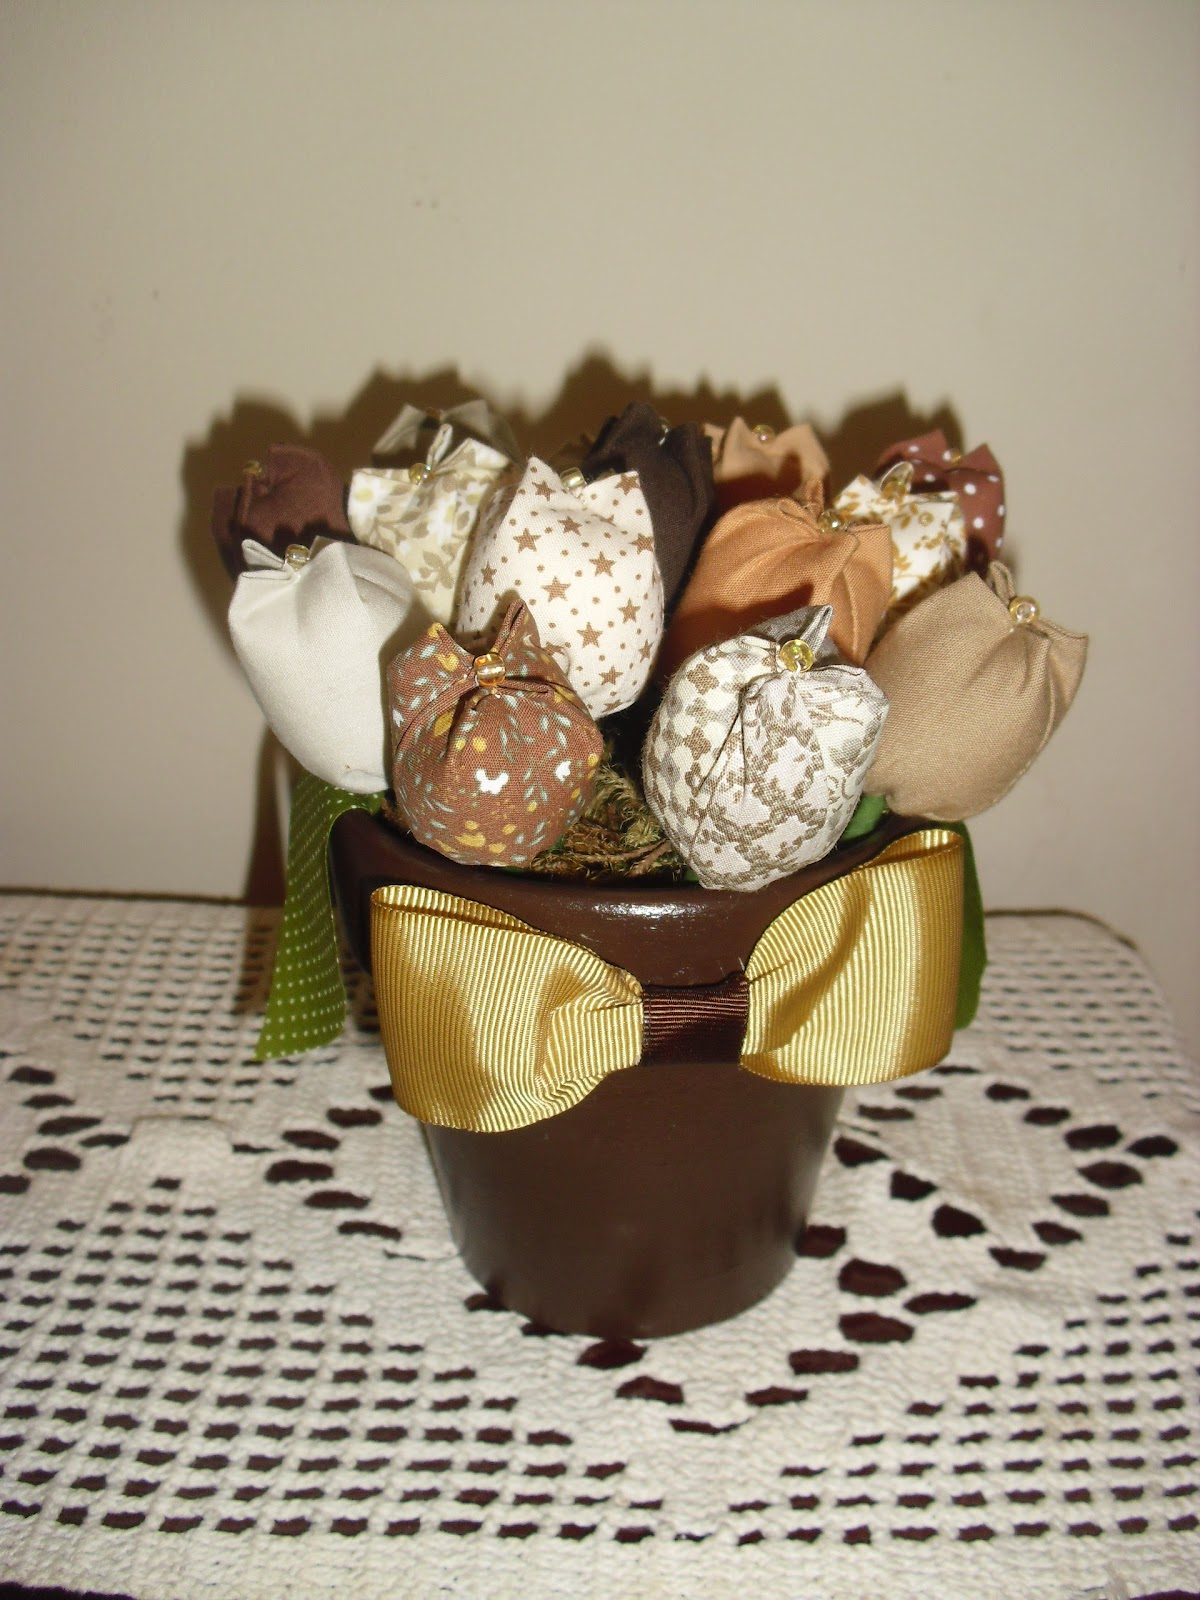 Aline fazendo arte: Flores de tecido Tulipas enfeite de mesa. #50591E 1200x1600